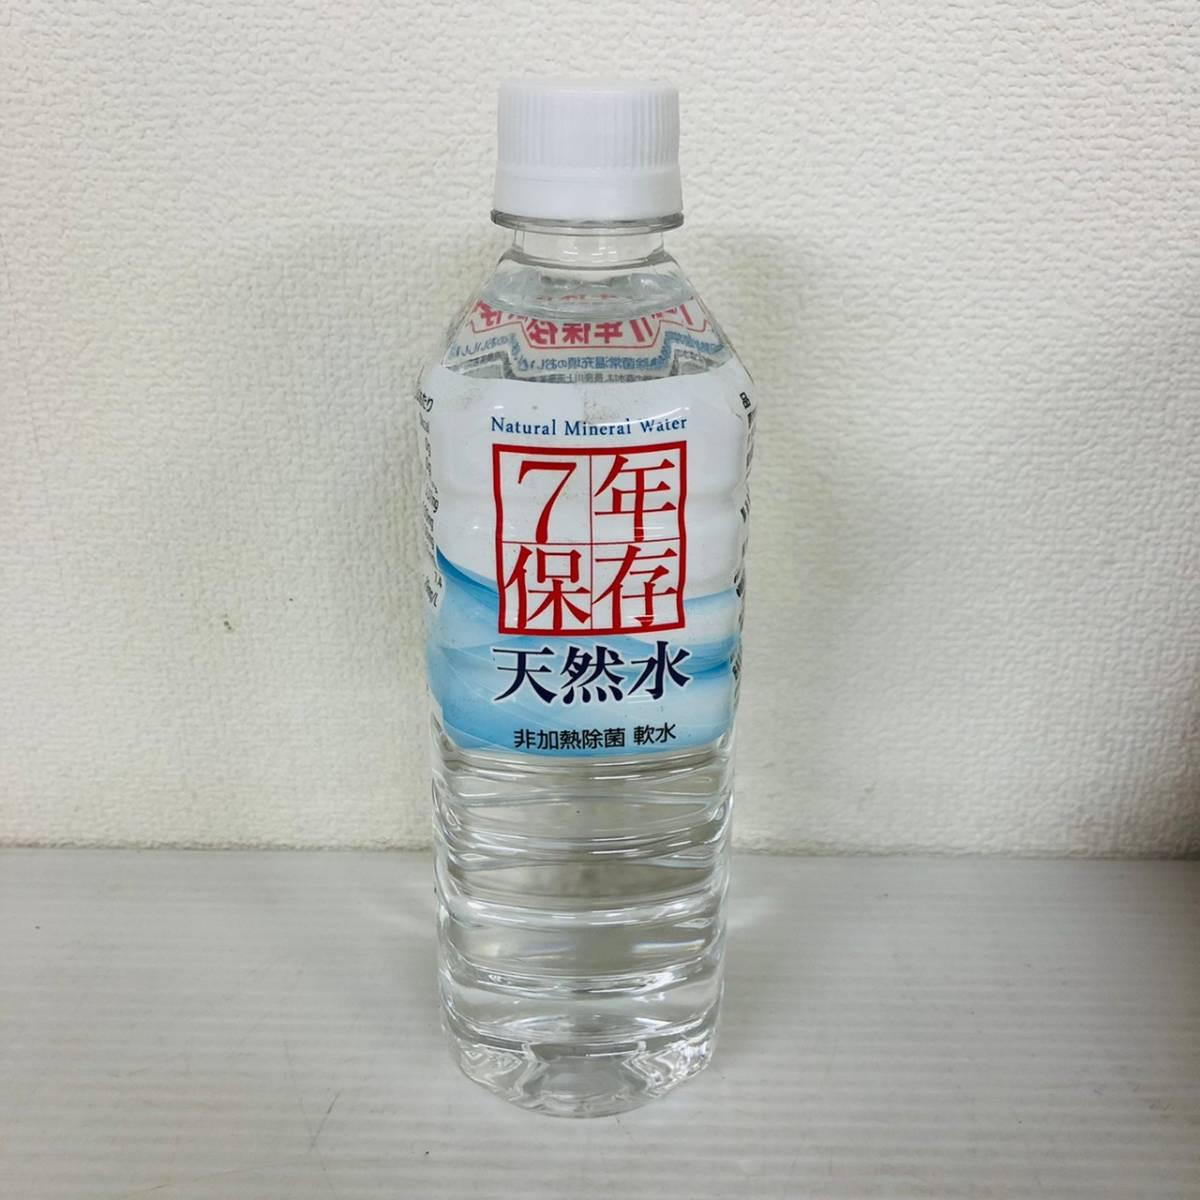 7年保存 天然水 500ml 24本 ケース販売 賞味期限2026.2月 保存水 ナチュラルミネラルウォーター 軟水_画像4